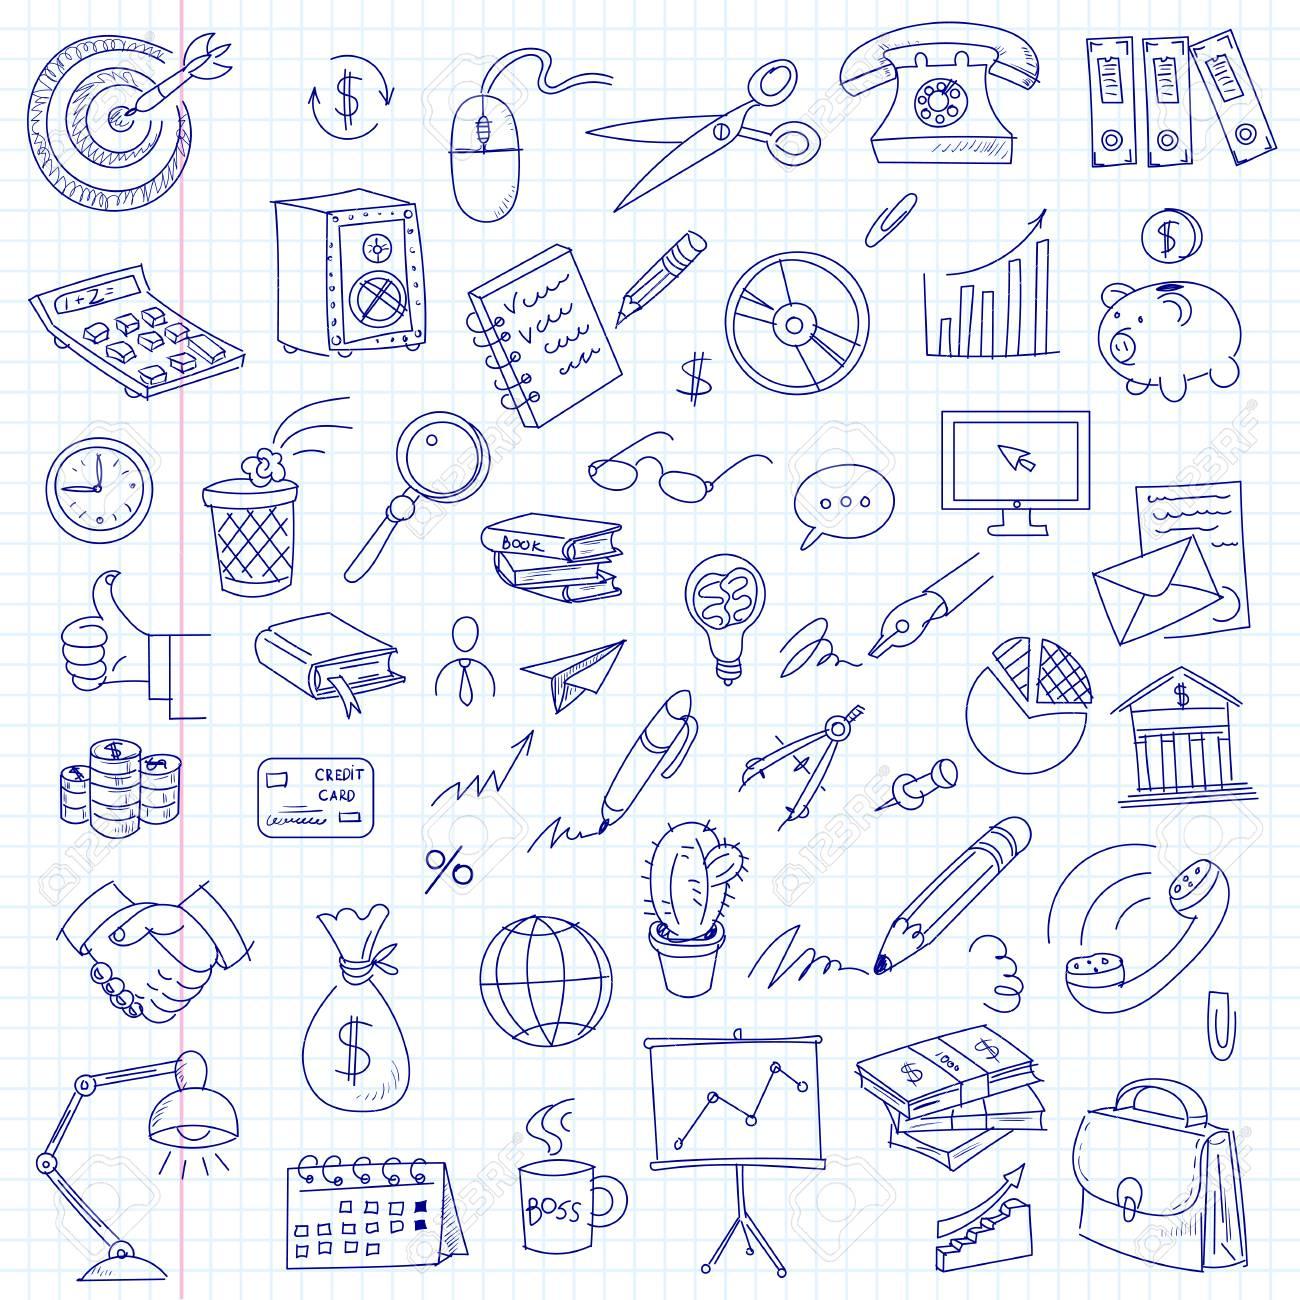 Artículos De Oficina Dibujo A Mano Alzada En Una Hoja De Cuaderno